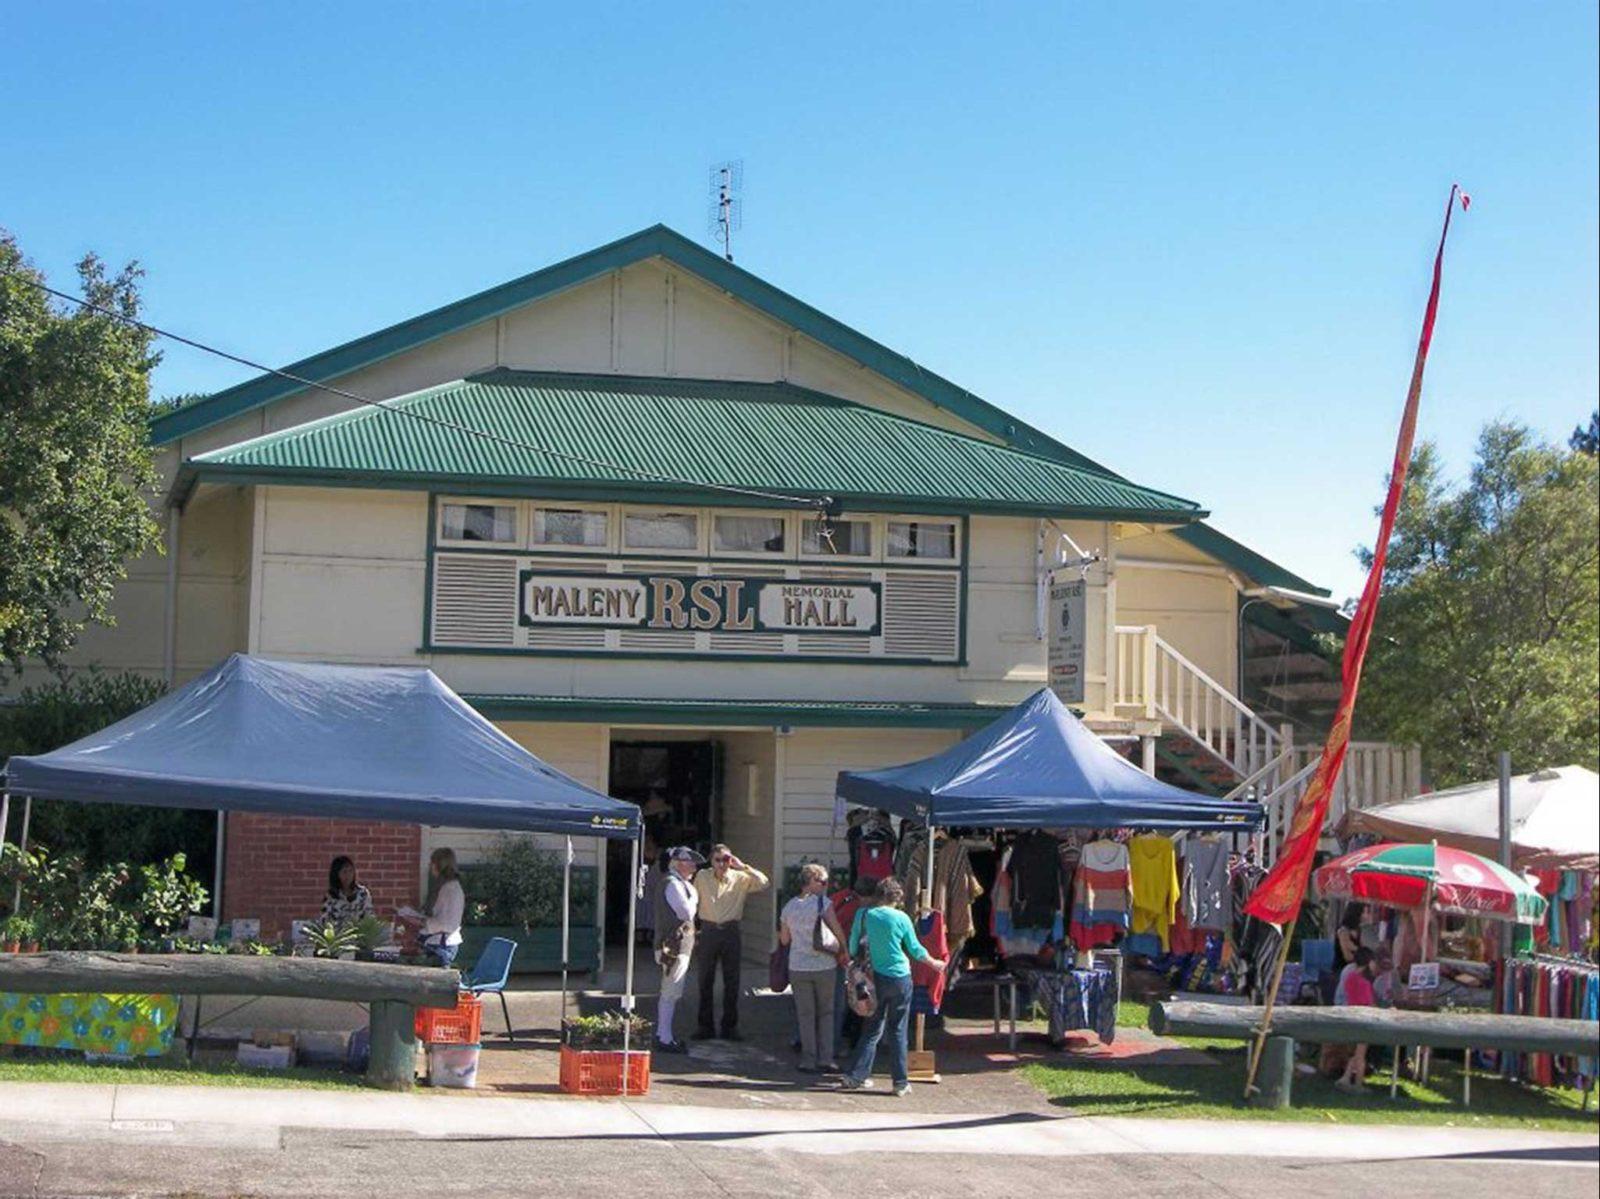 Maleny Market